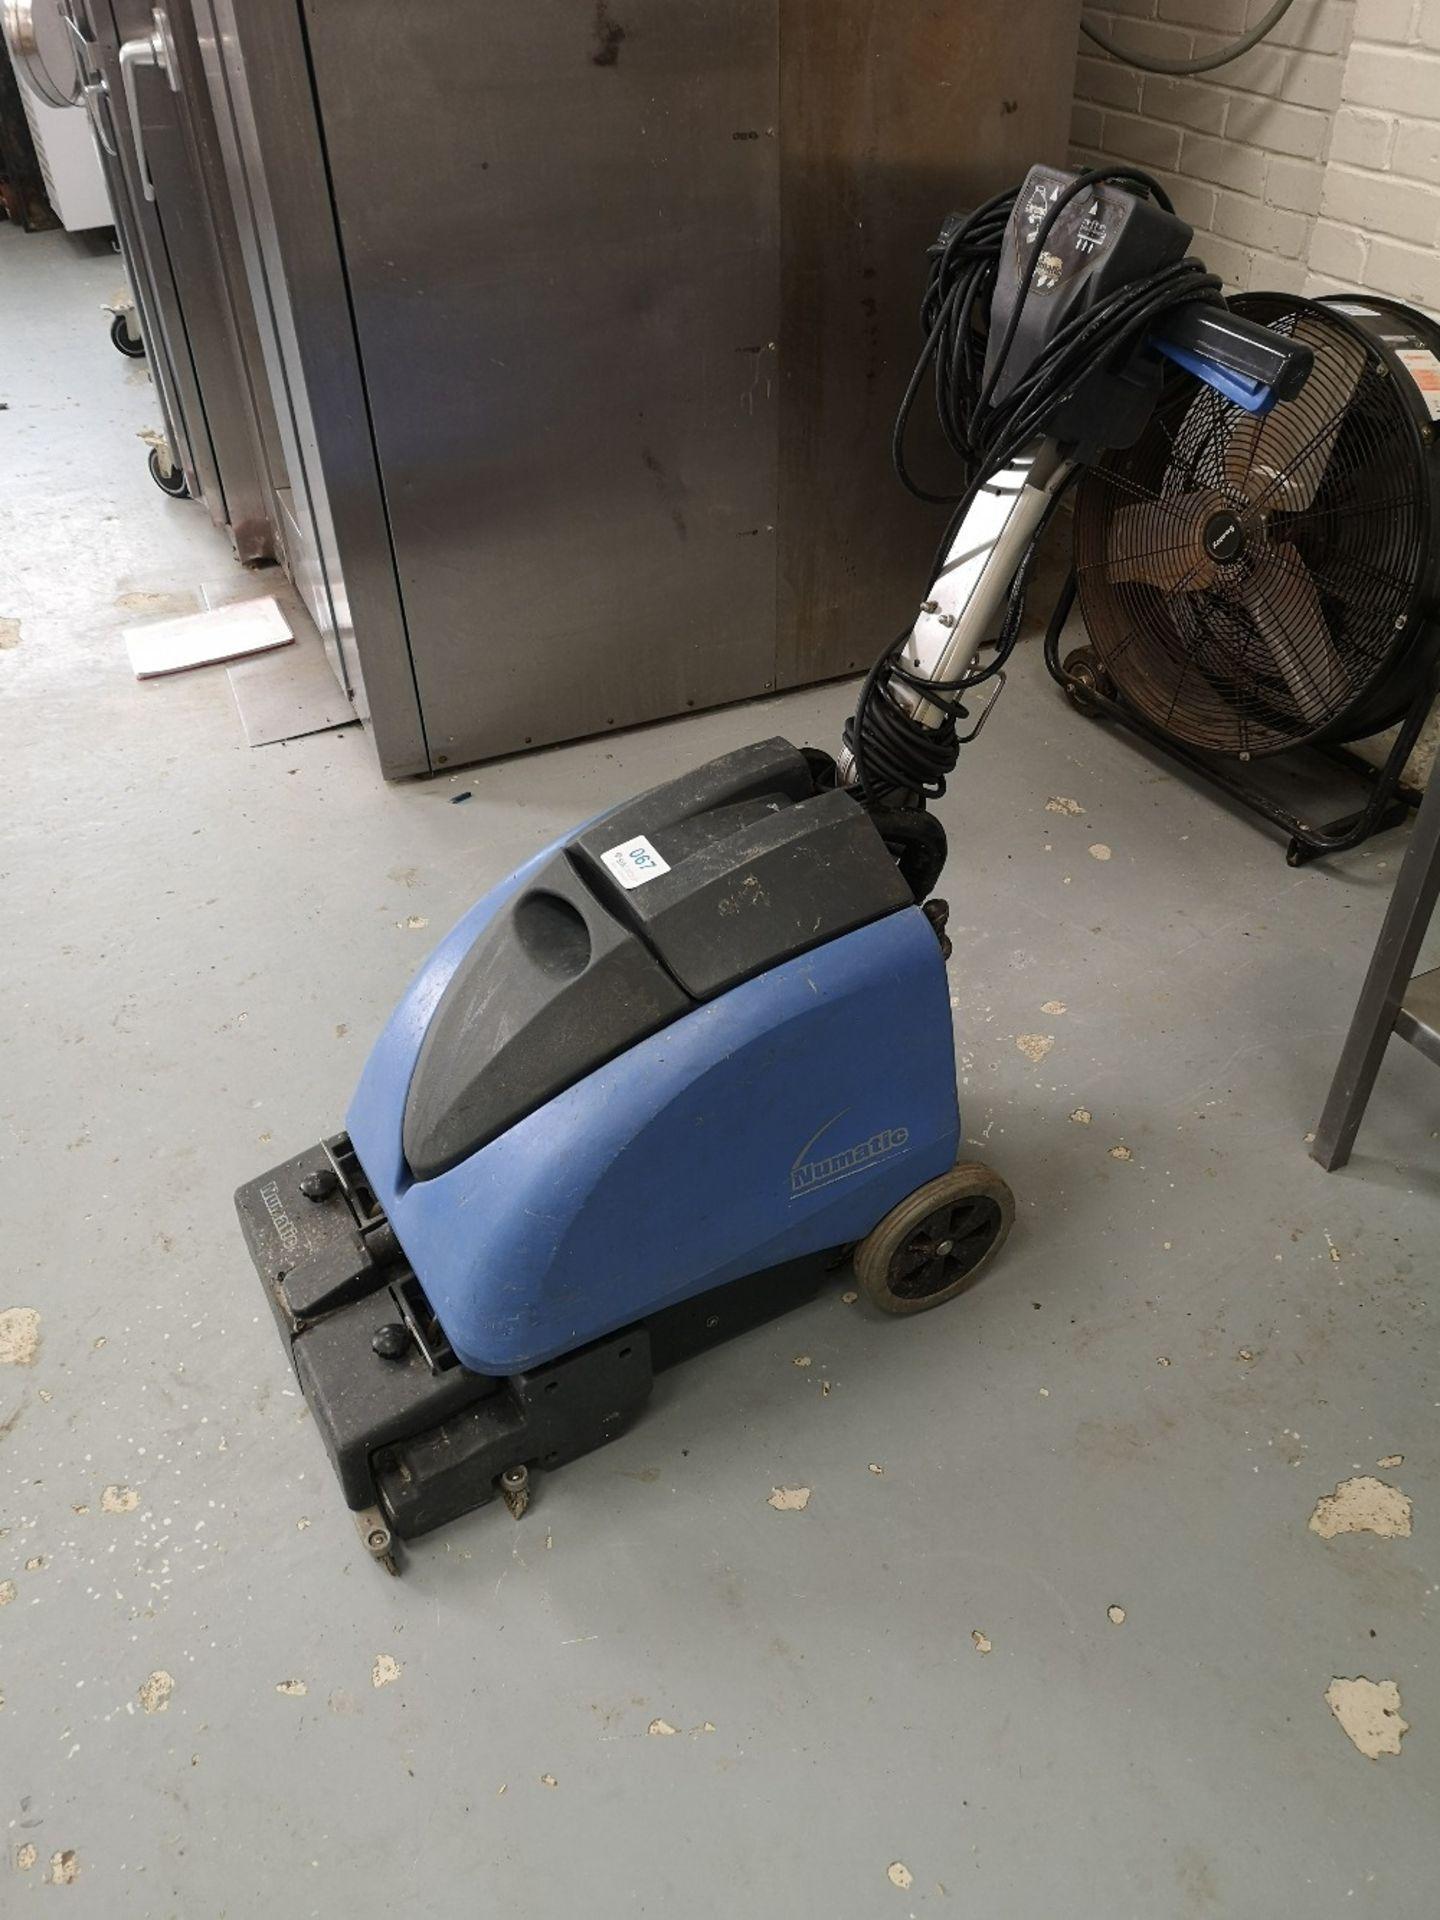 Numatic TT1535S Floor Scrubber & Dryer - Image 2 of 4